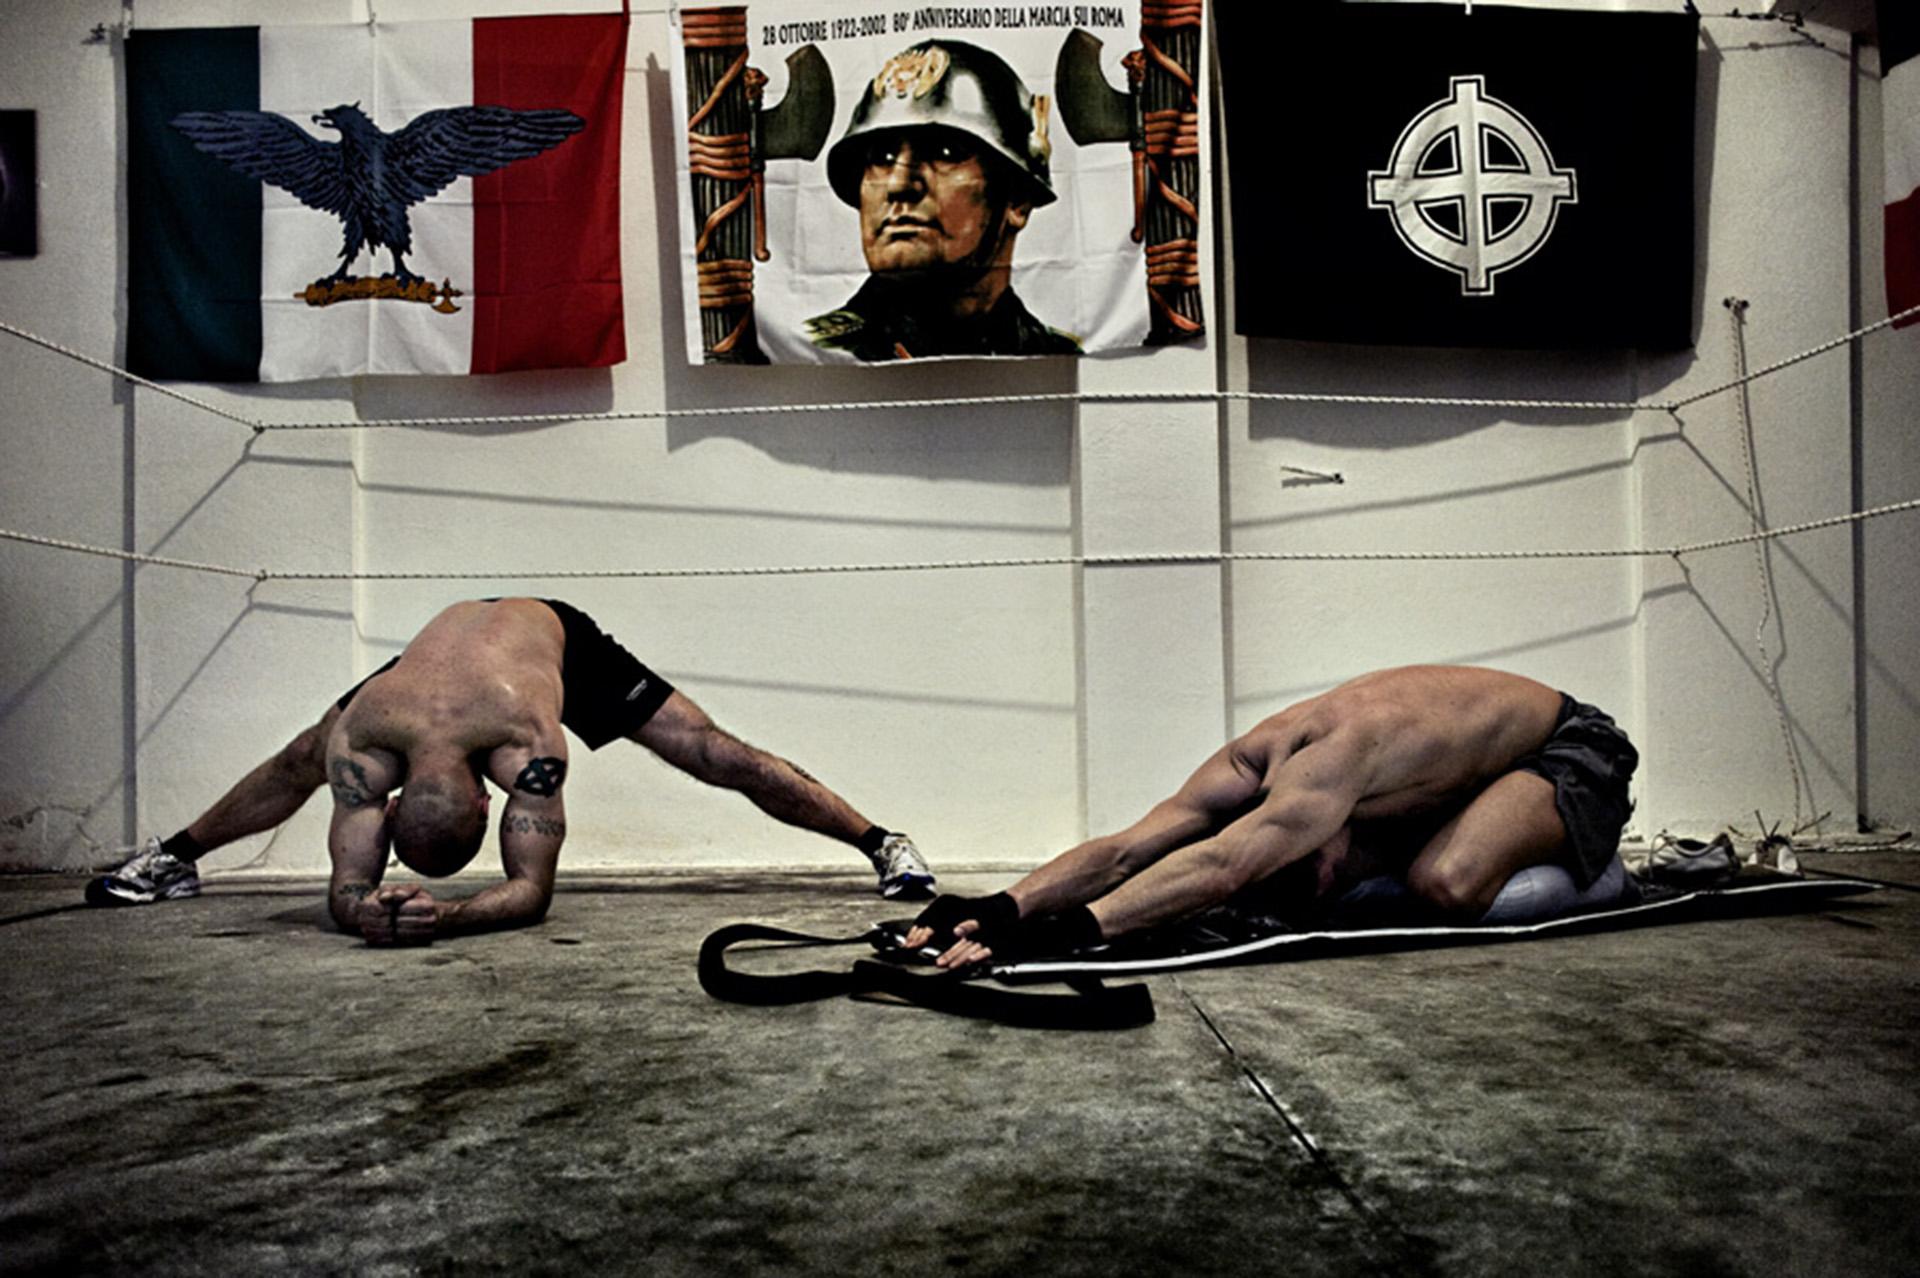 Un gimnasio casero para el entranamiento de boxeo en un cuartel neonazi de Roma